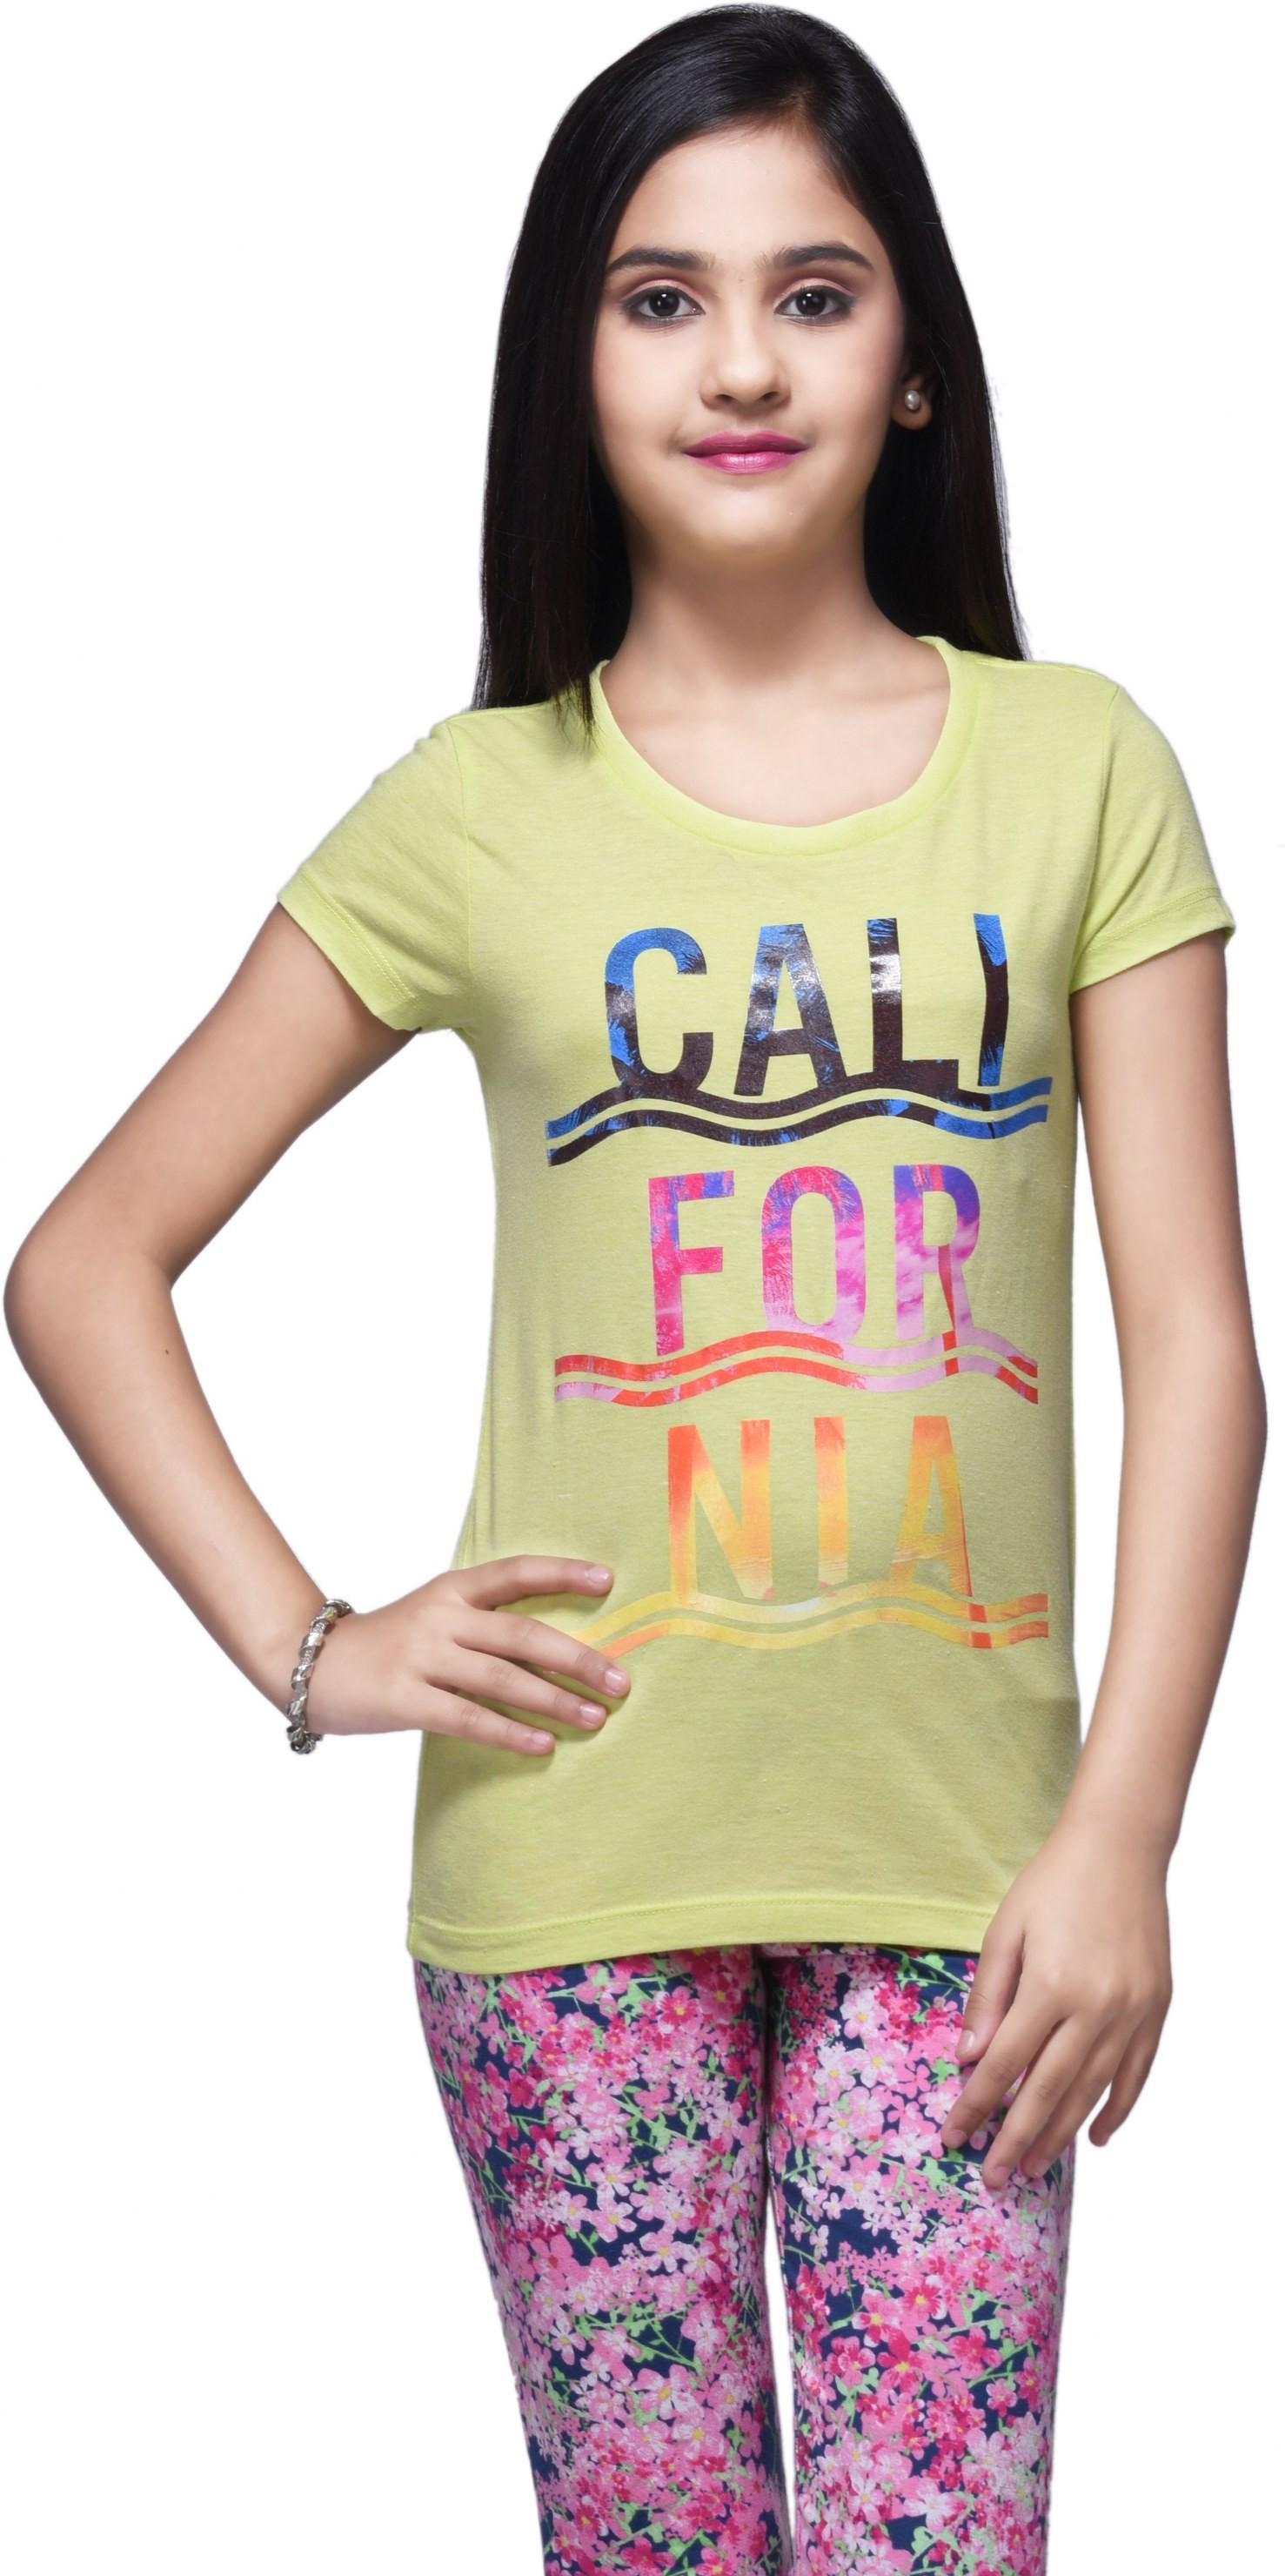 Deals | Boys & Girls Wear Aeropostal, Tommy Hilfiger